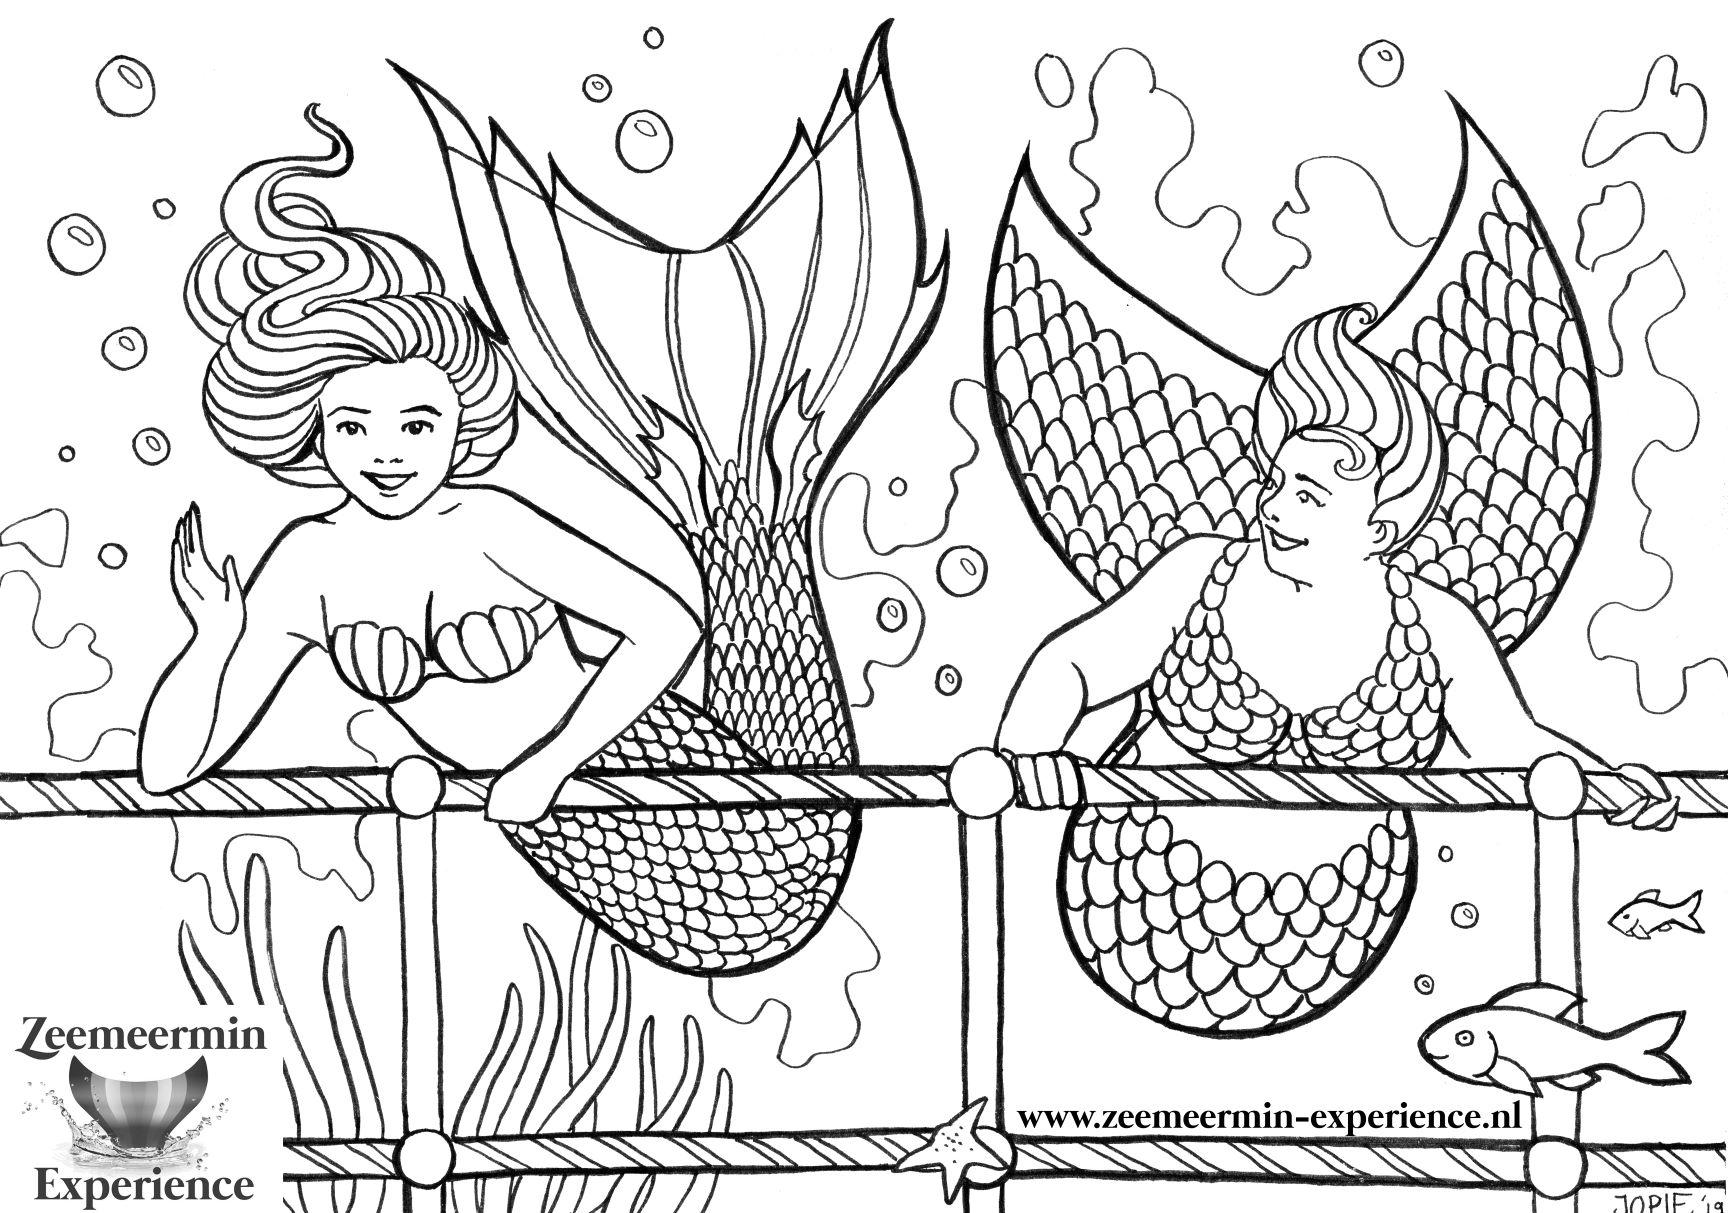 Zeemeerminnen